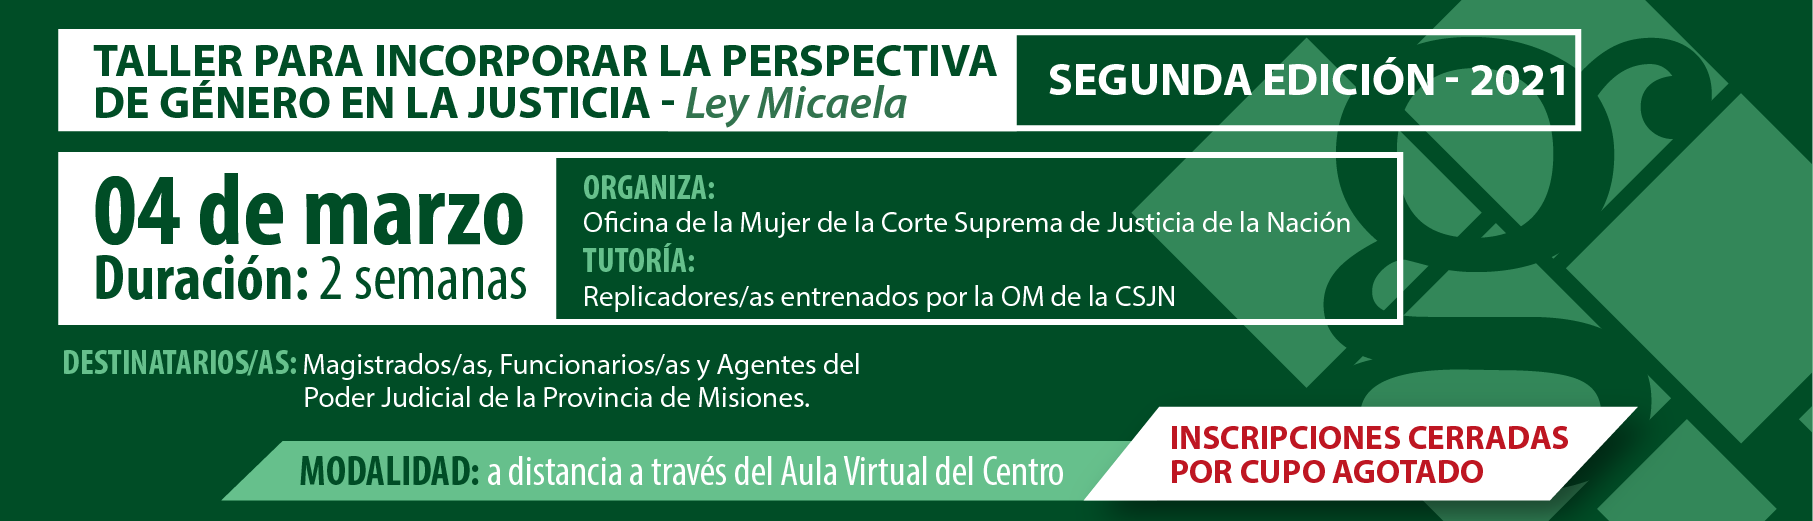 Taller para incorporar la perspectiva de género en la Justicia – Ley Micaela- SEGUNDA EDICIÓN 2021